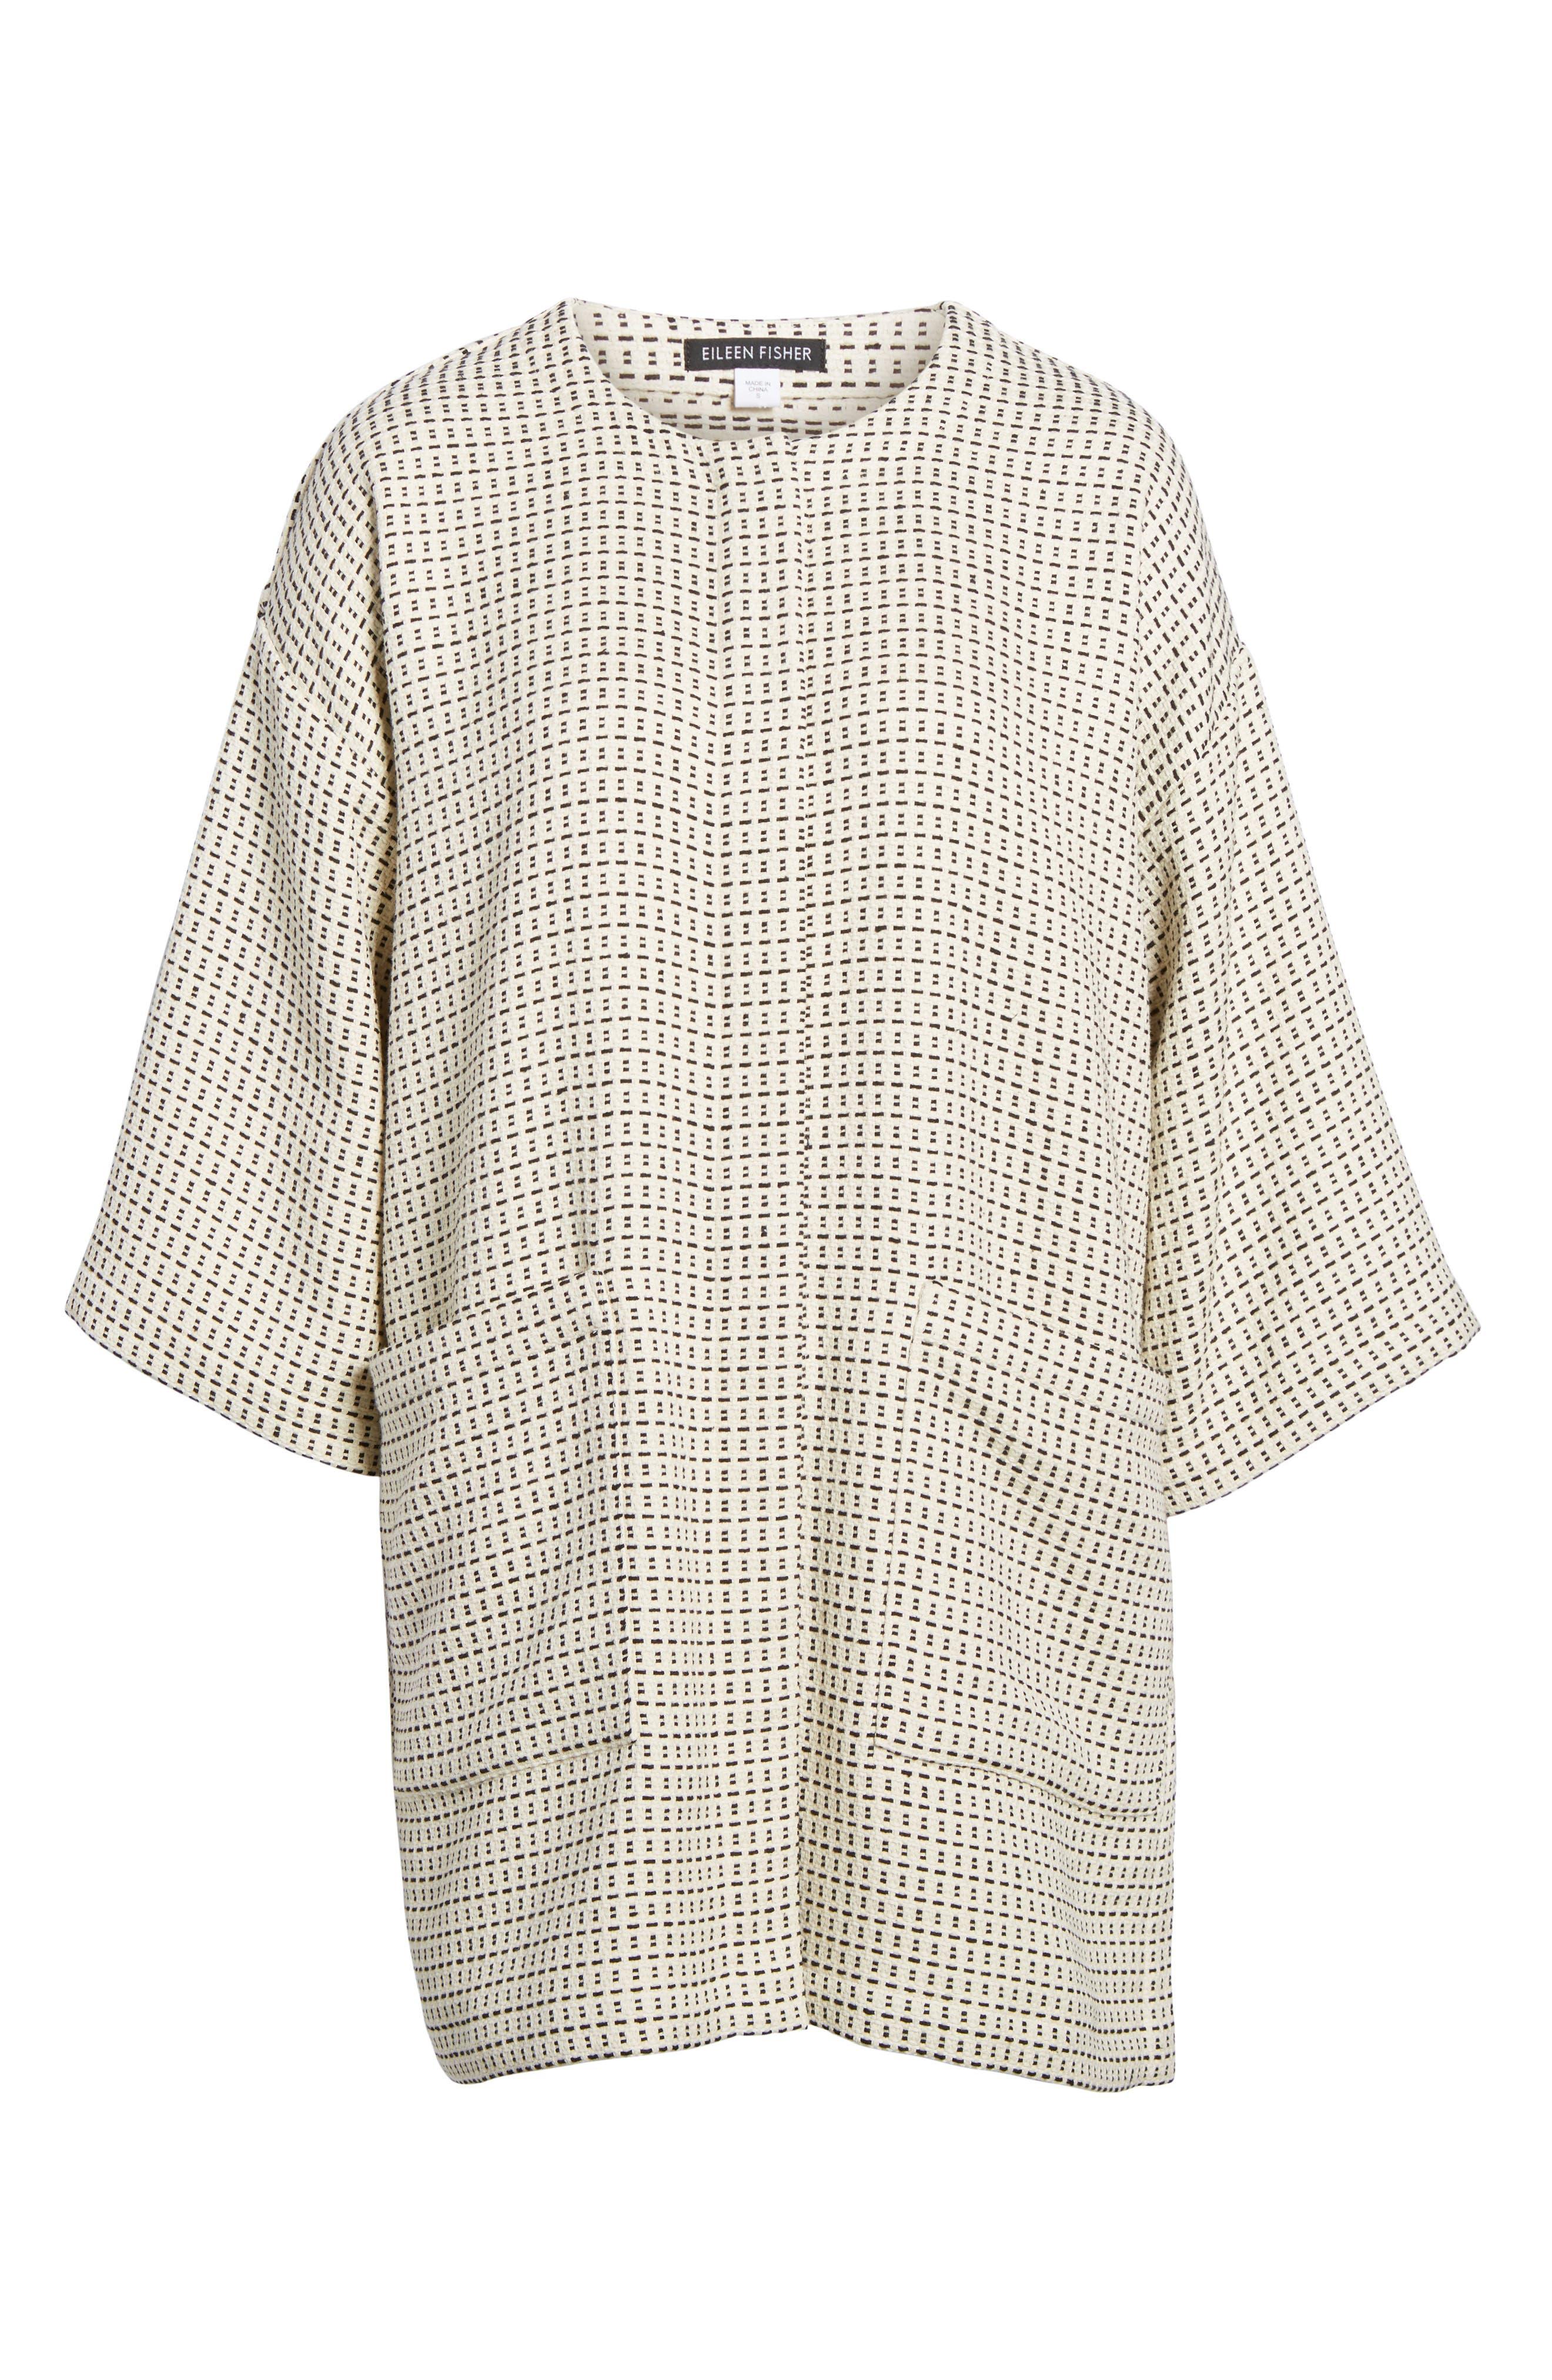 Round Neck Kimono Jacket,                             Alternate thumbnail 6, color,                             Ecru